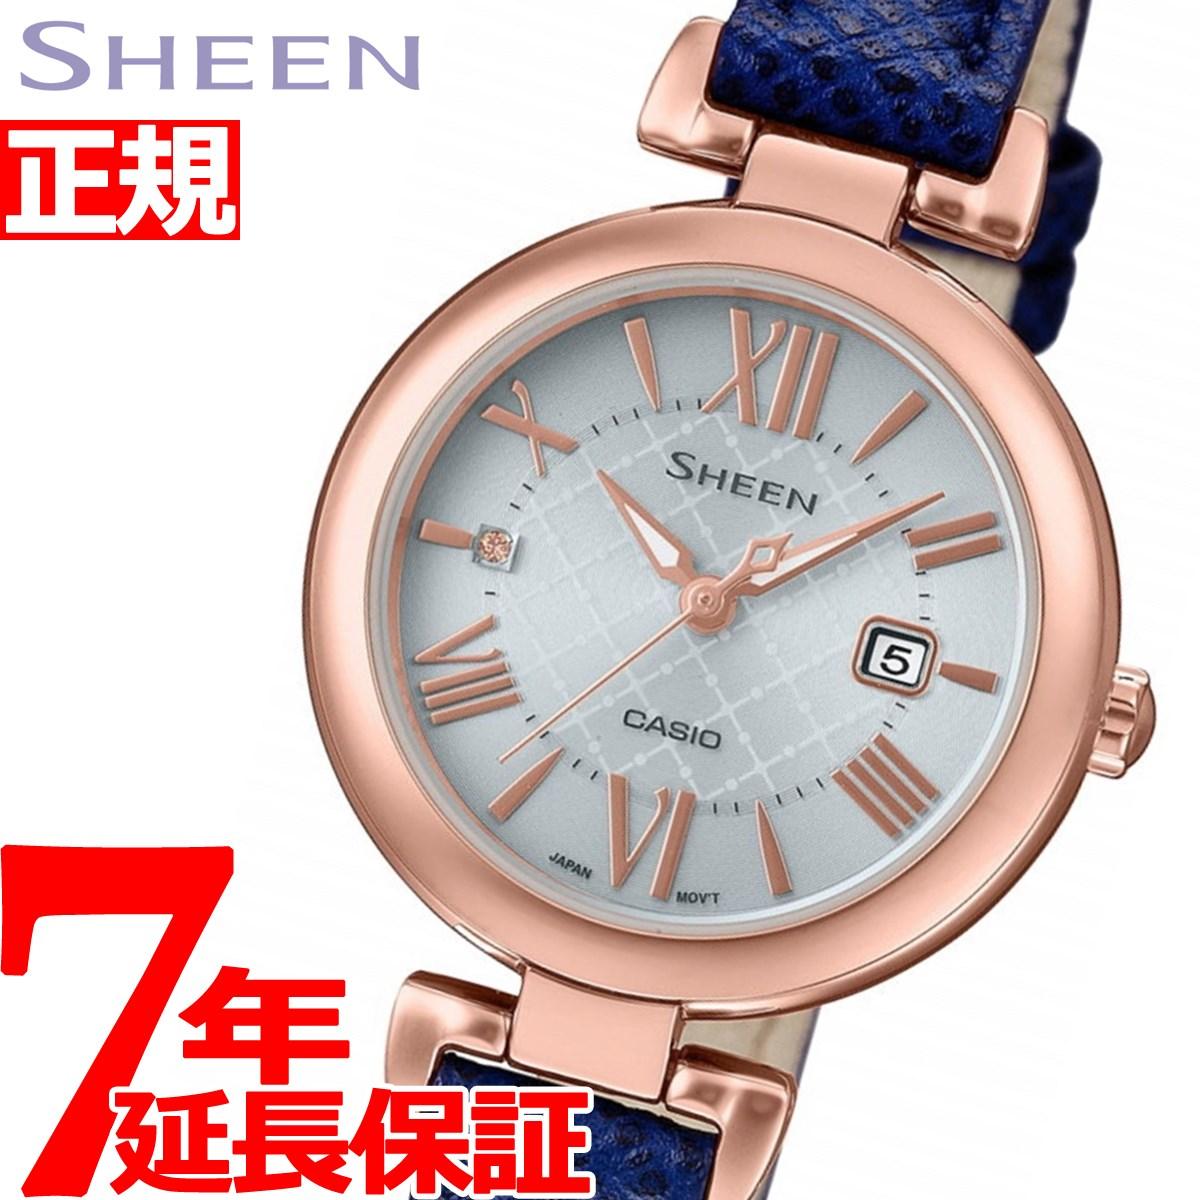 【1000円OFFクーポン!1月18日12時59分まで!】カシオ シーン CASIO SHEEN ソーラー 腕時計 レディース SHS-4502PGL-7AJF【2017 新作】